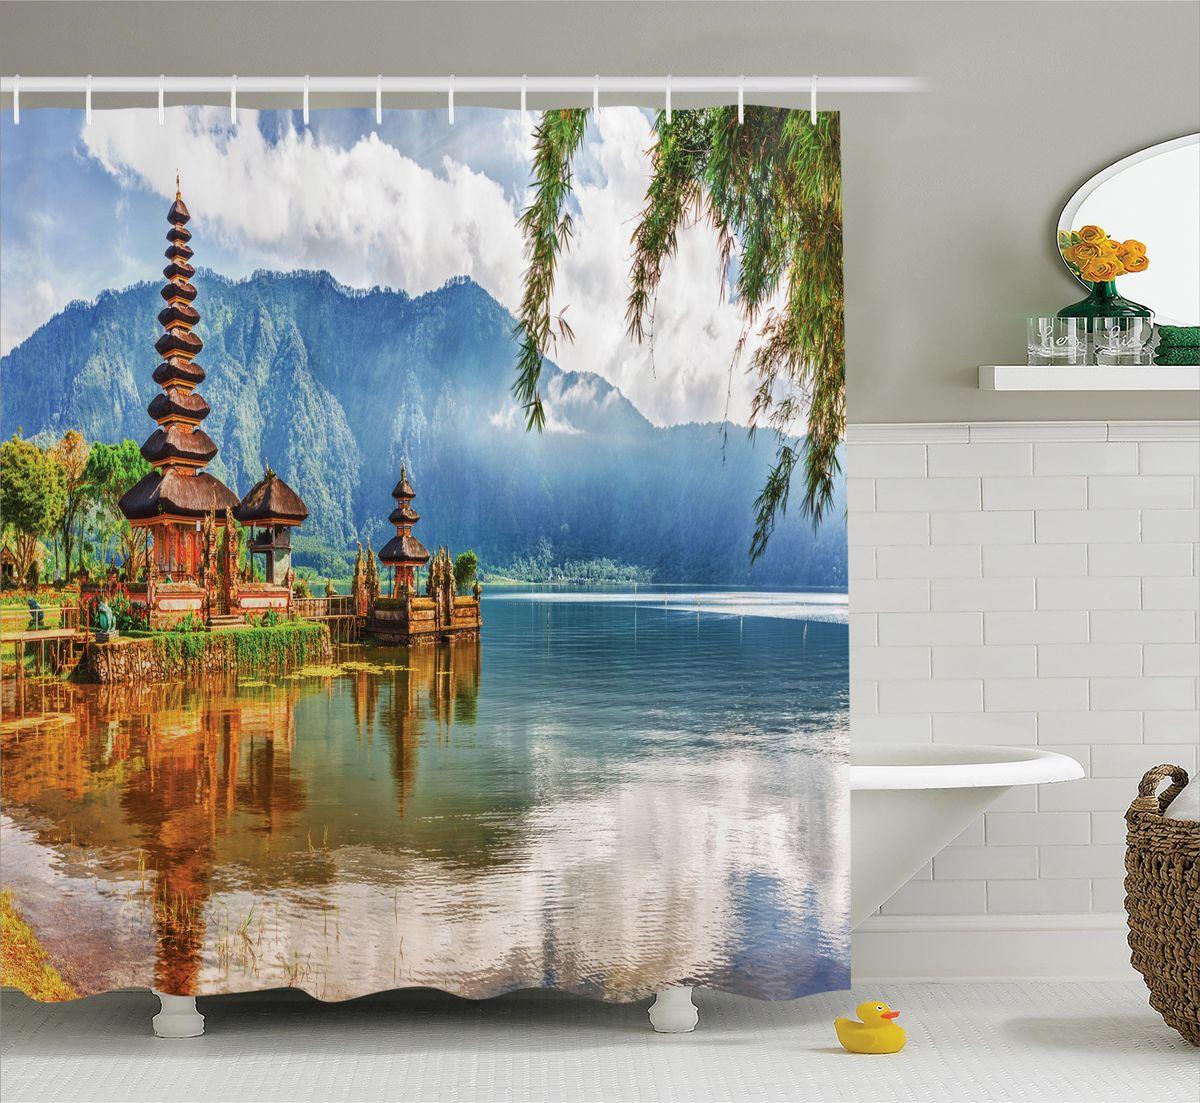 Штора для ванной комнаты Magic Lady Деревянная пагода над водой, 180 х 200 смCLP446Штора Magic Lady Деревянная пагода над водой, изготовленная из высококачественного сатена (полиэстер 100%), отлично дополнит любой интерьер ванной комнаты. При изготовлении используются специальные гипоаллергенные чернила для прямой печати по ткани, безопасные для человека.В комплекте: 1 штора, 12 крючков. Обращаем ваше внимание, фактический цвет изделия может незначительно отличаться от представленного на фото.